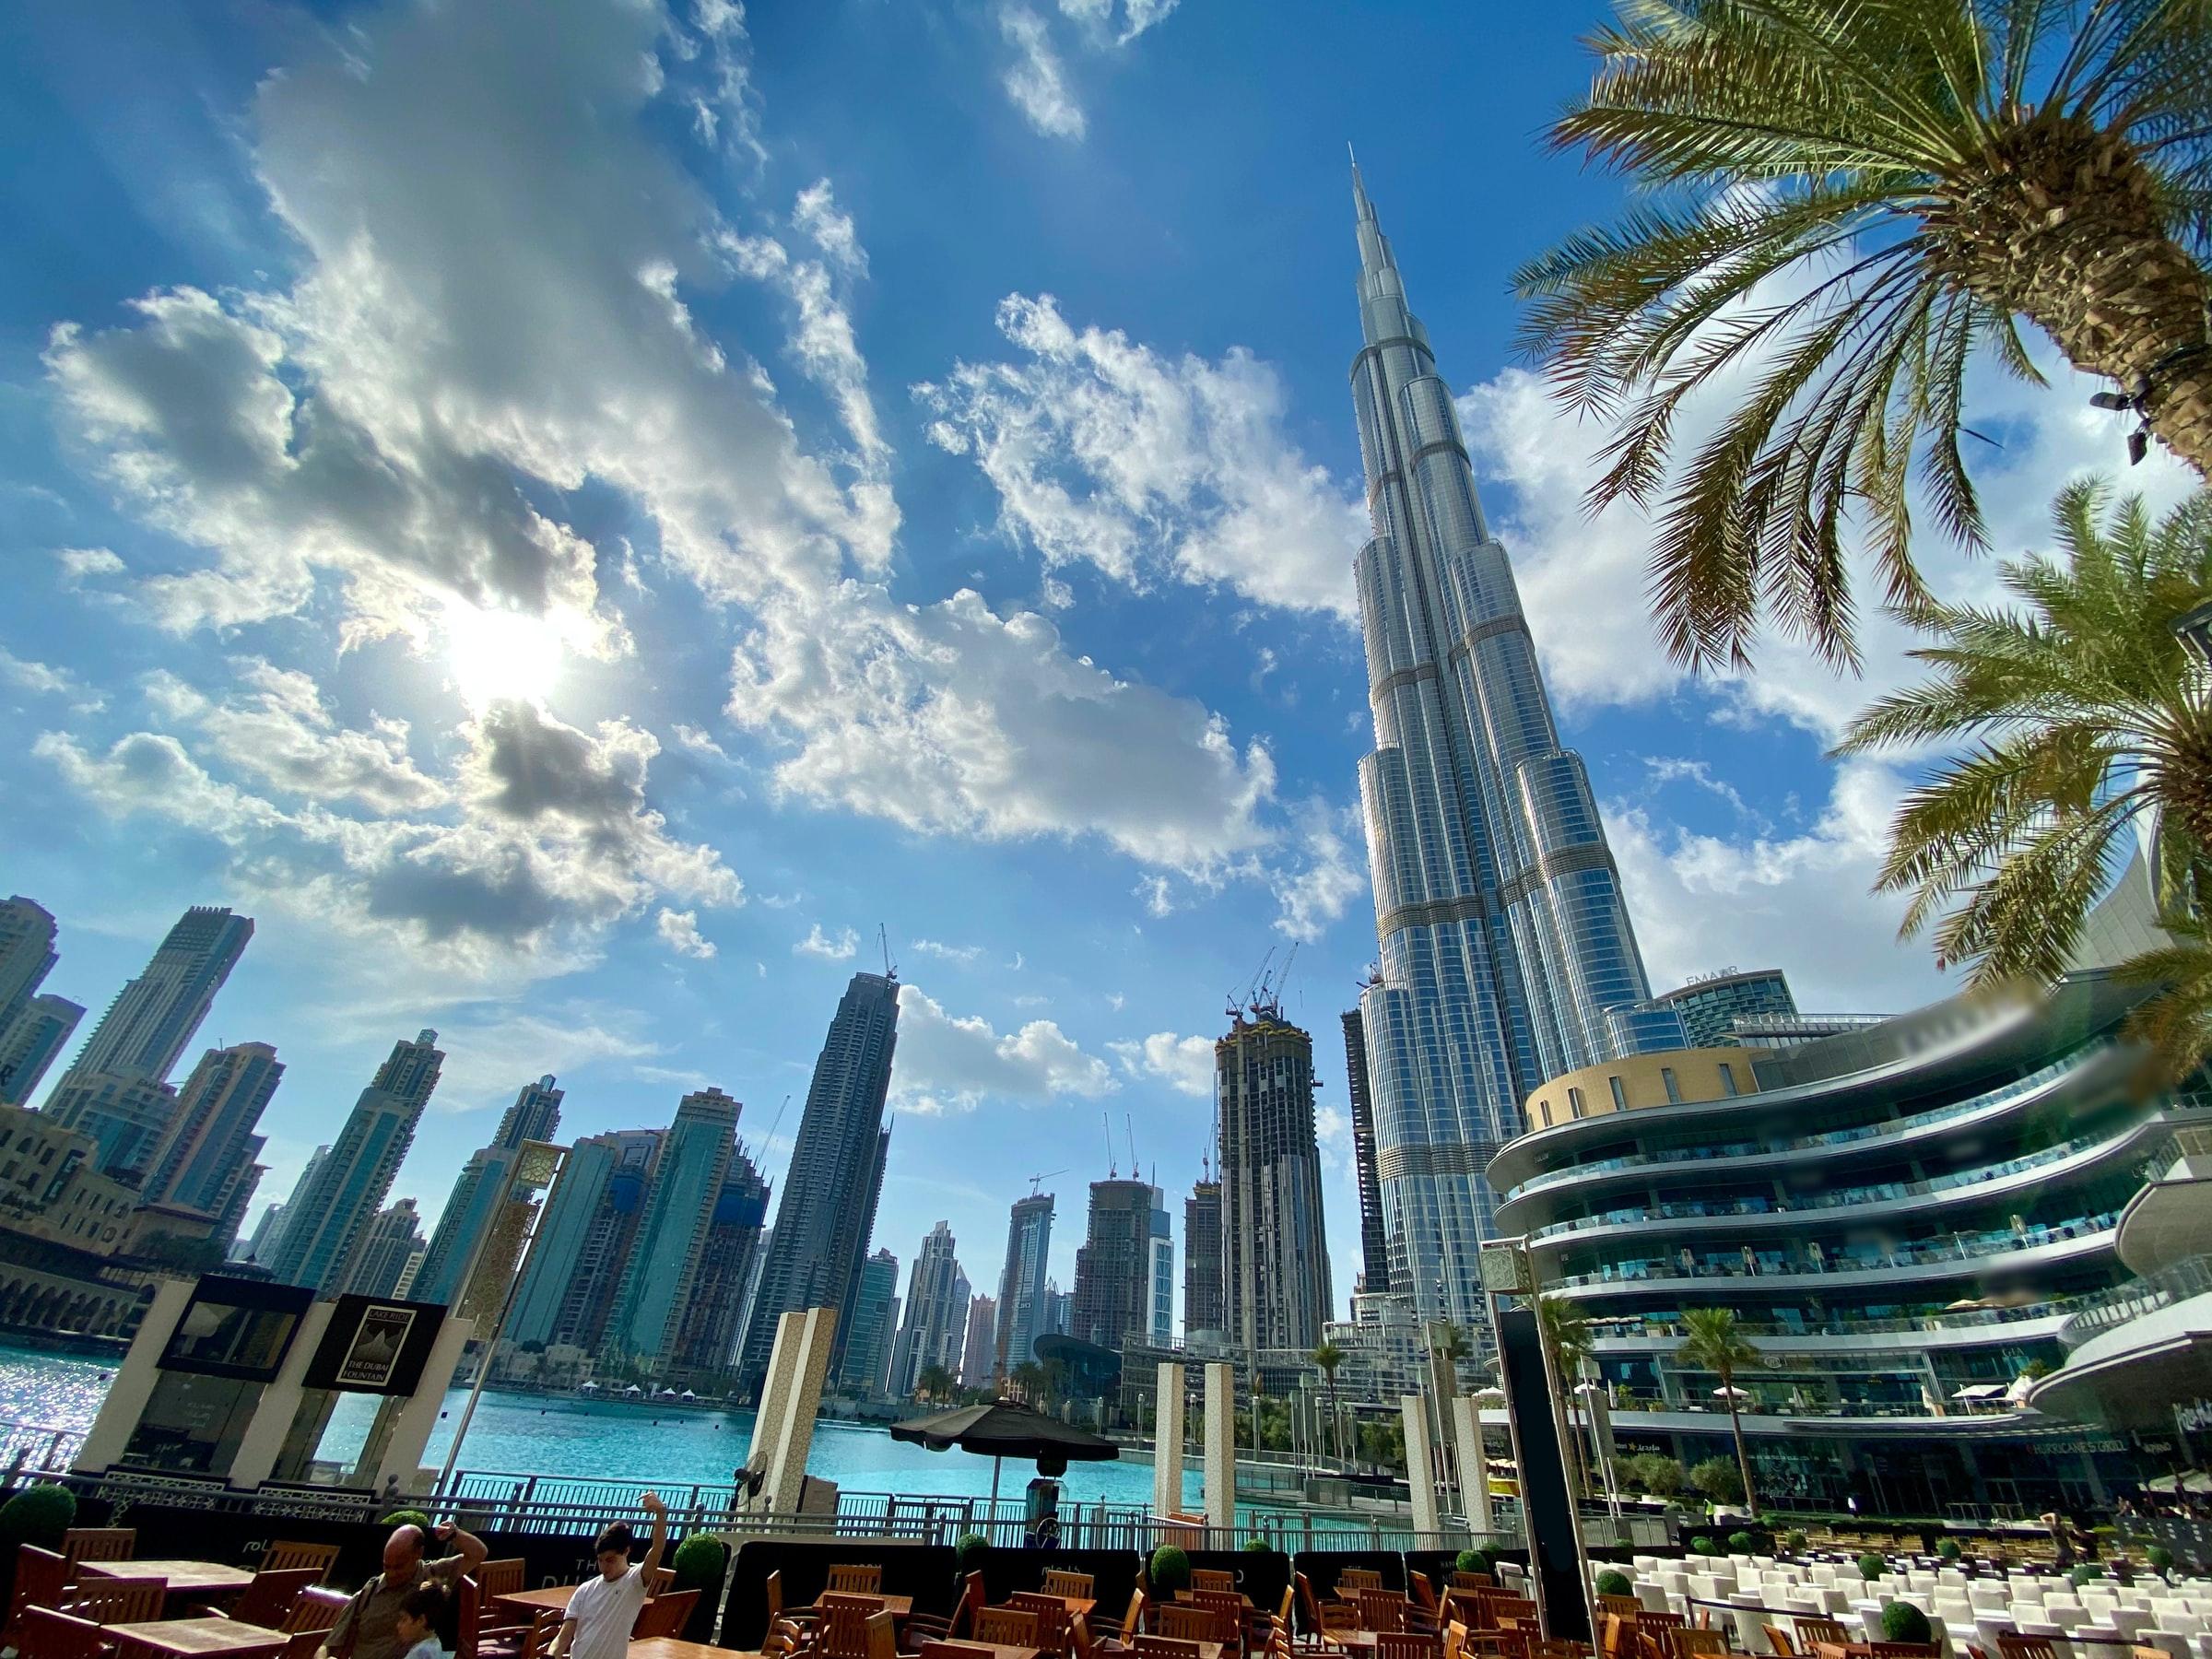 De Burj Khalifa kun je het beste gratis van een afstandje bekijken